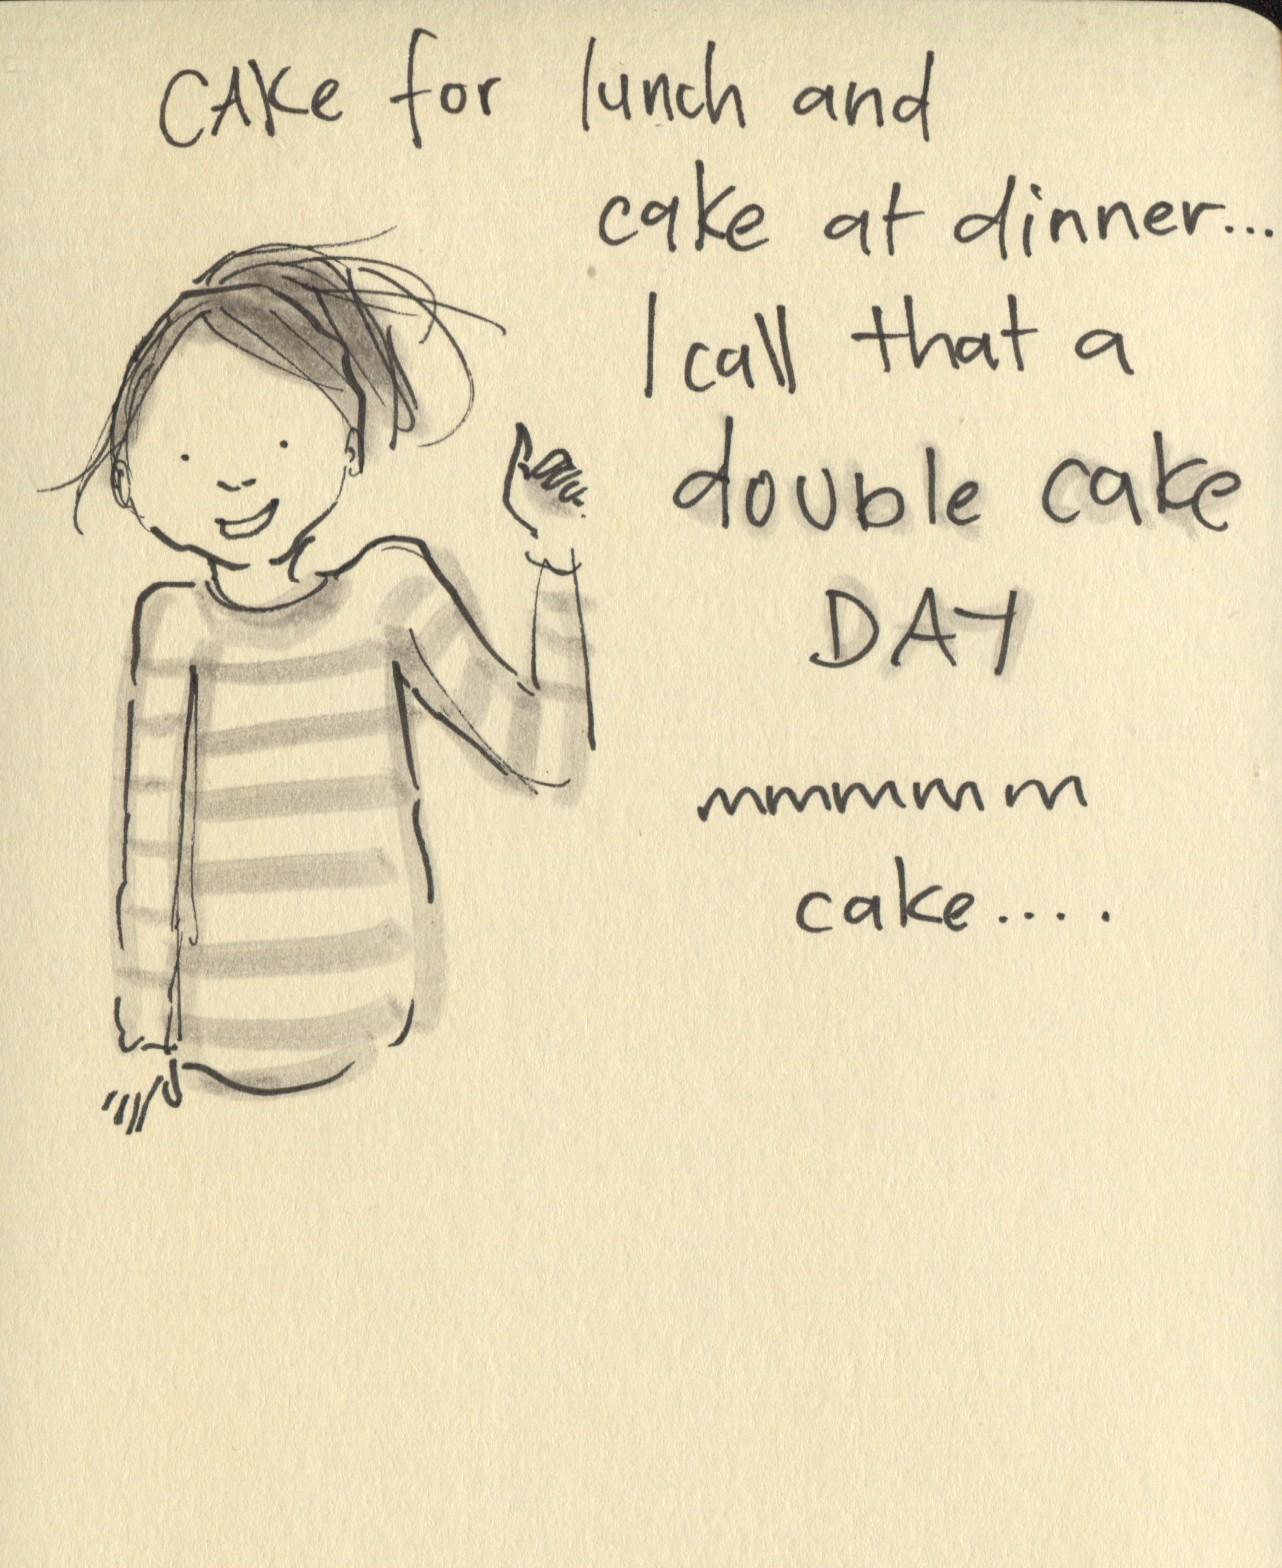 double cake